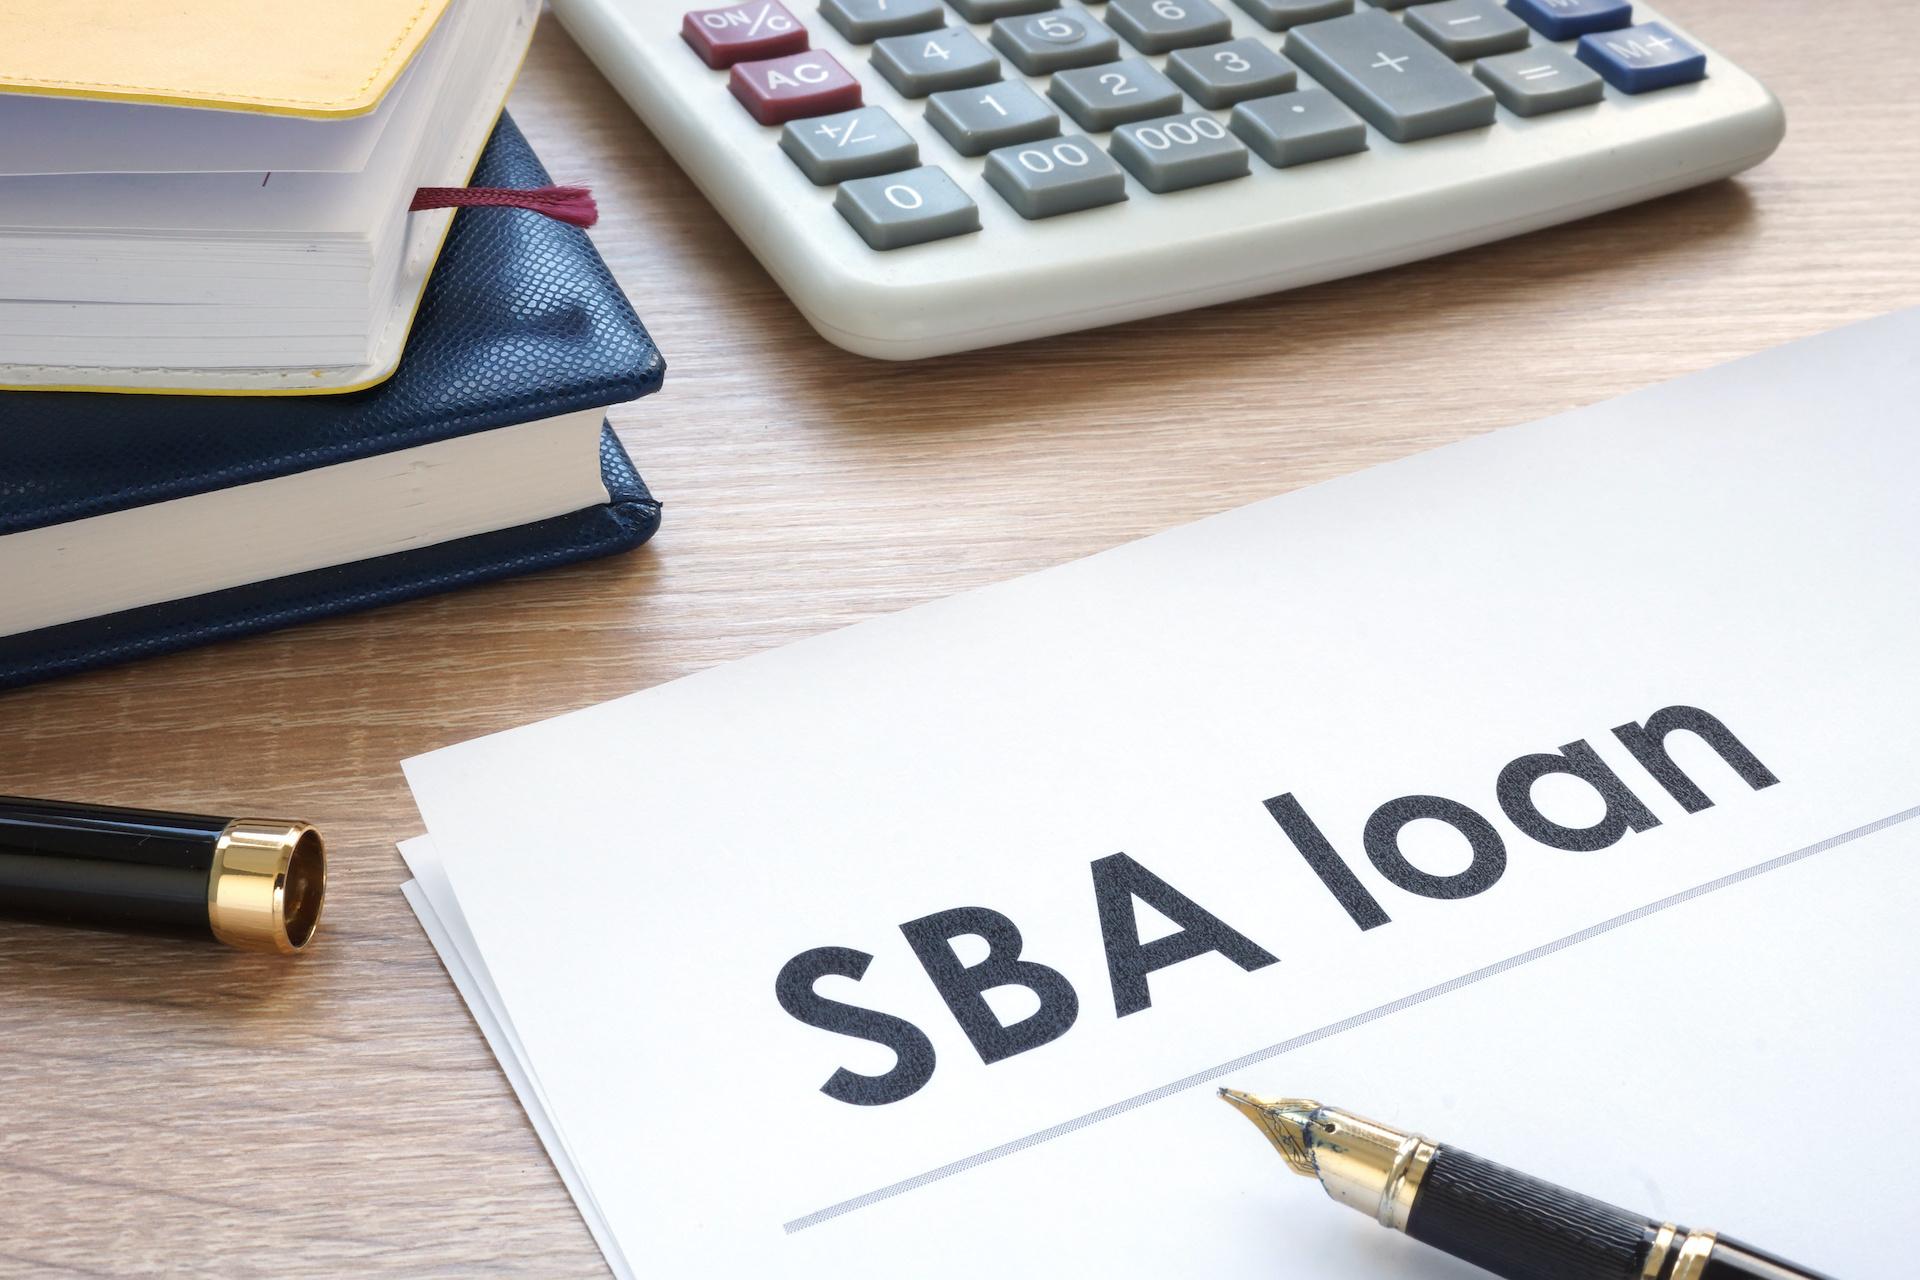 sba loan - photo #15